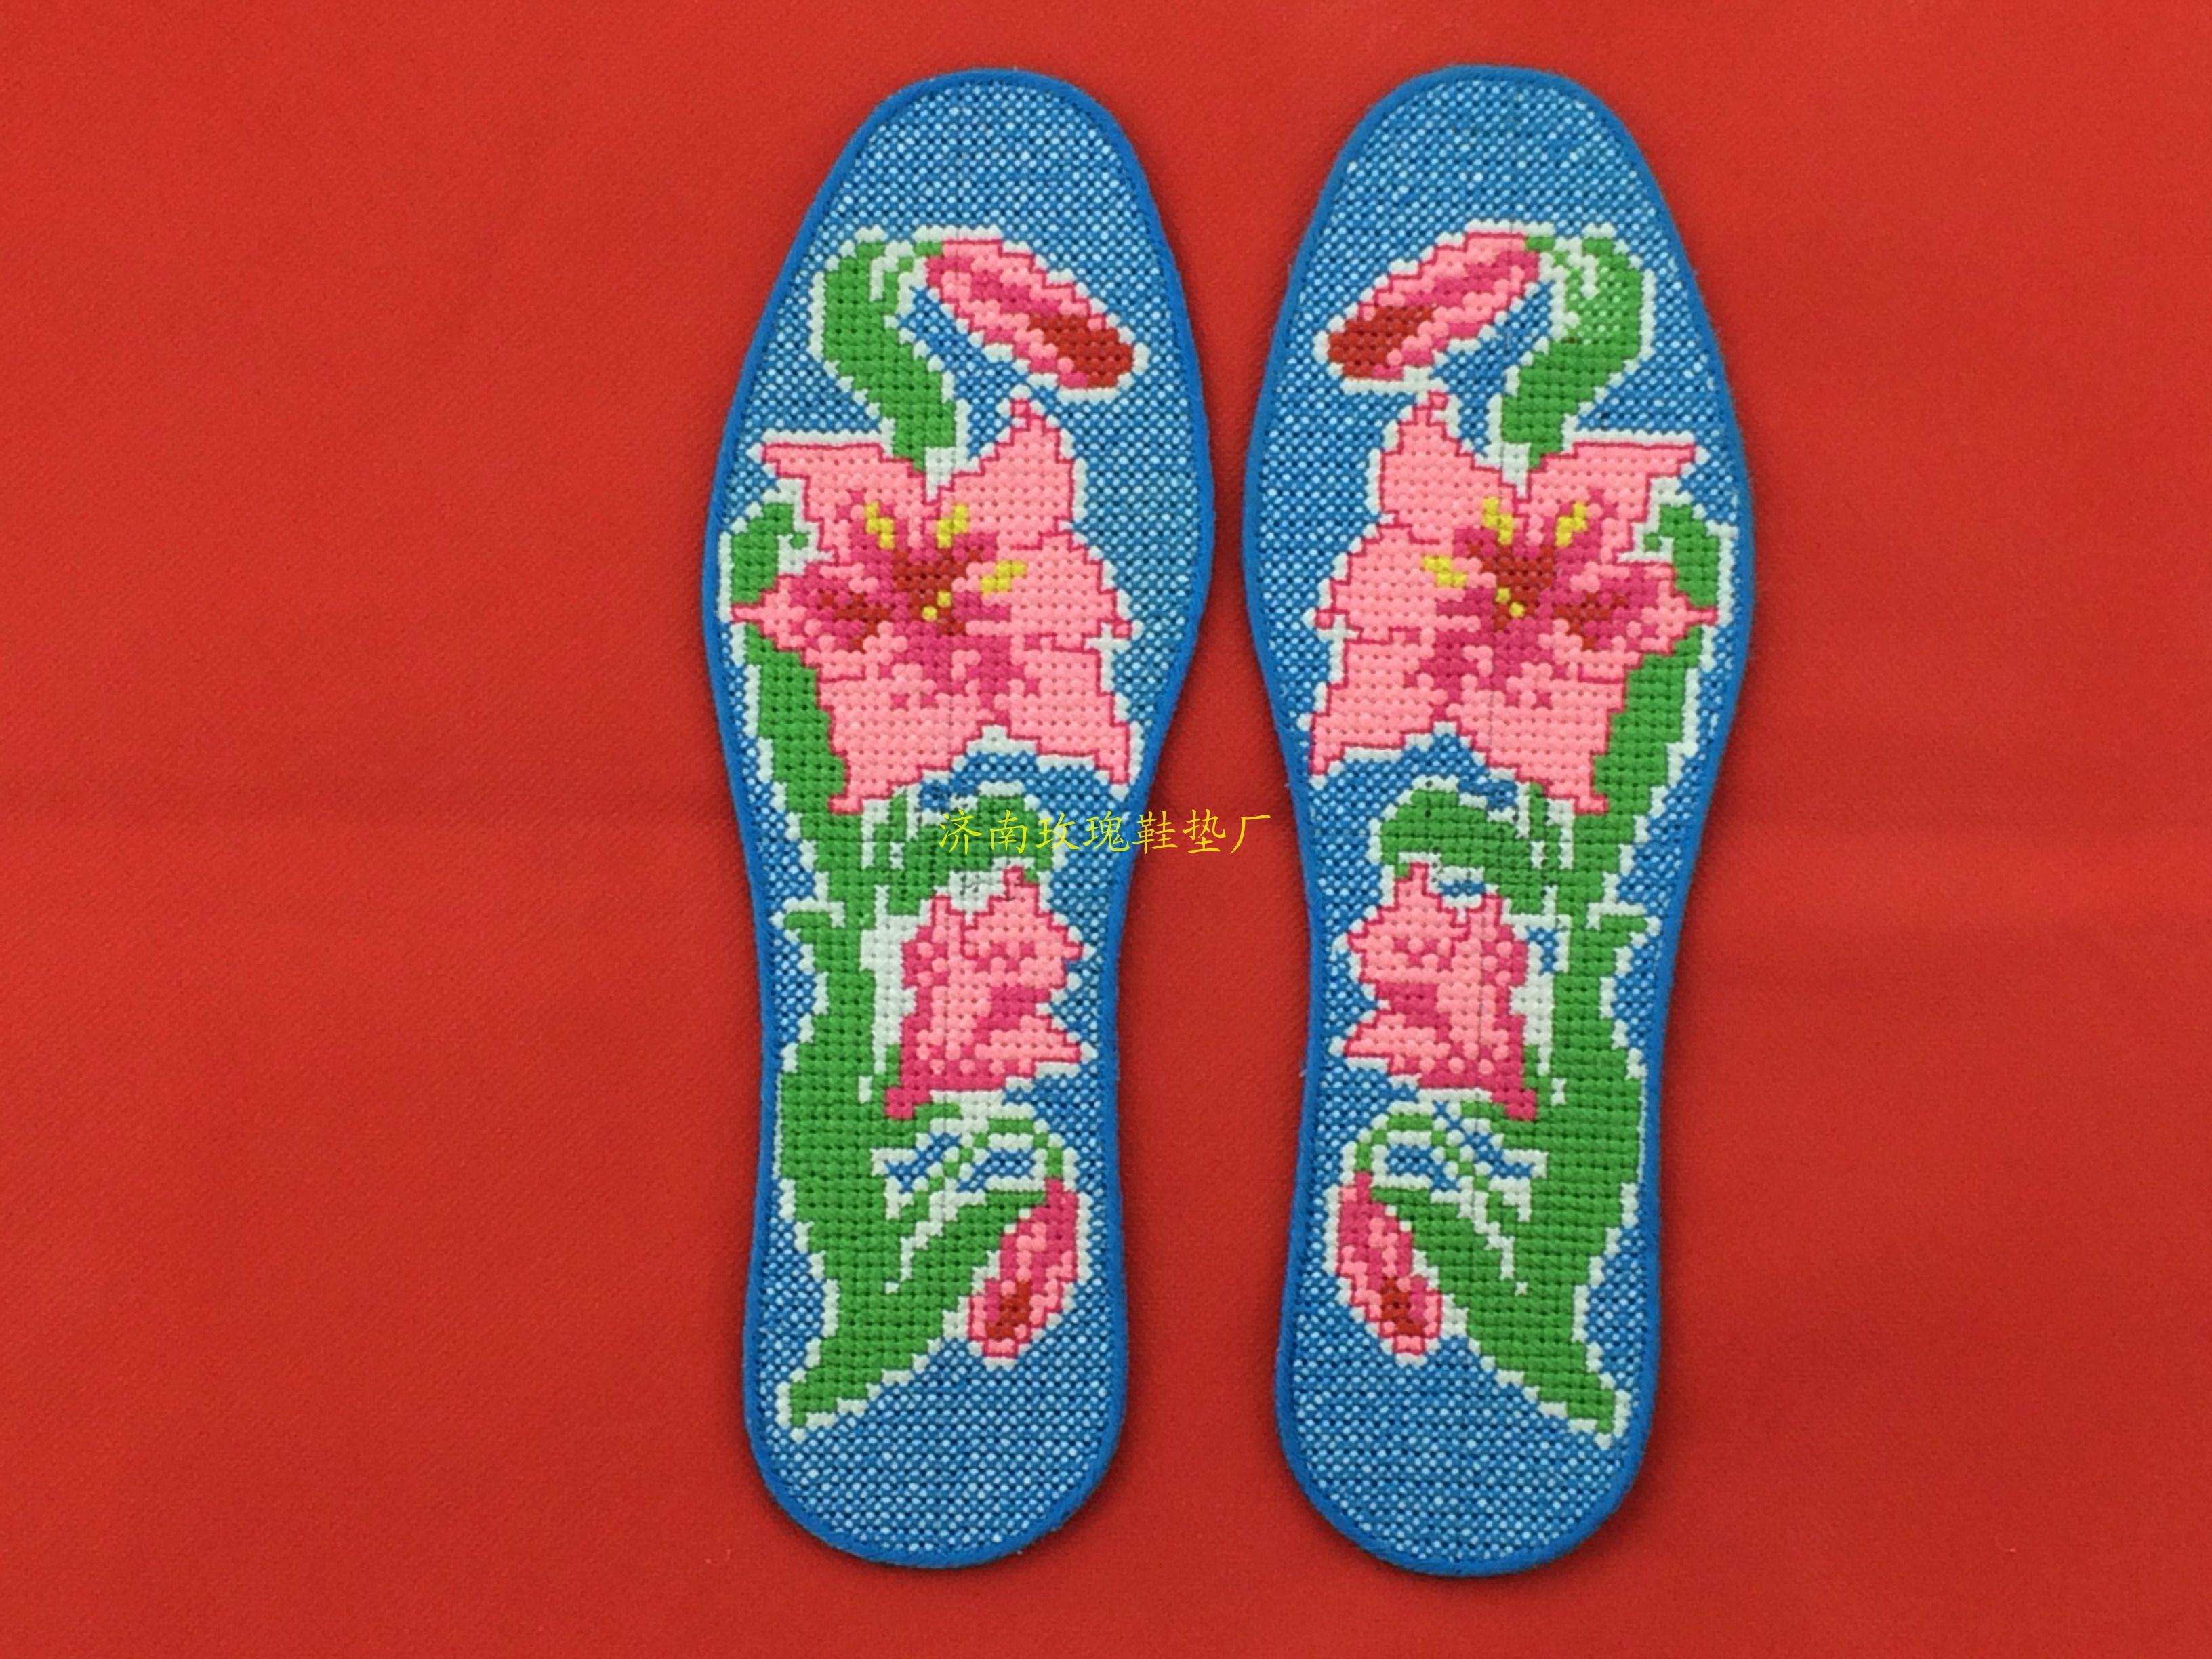 手工十字绣鞋垫图案 丑妞十字绣鞋垫图案 十字绣鞋垫高清图片